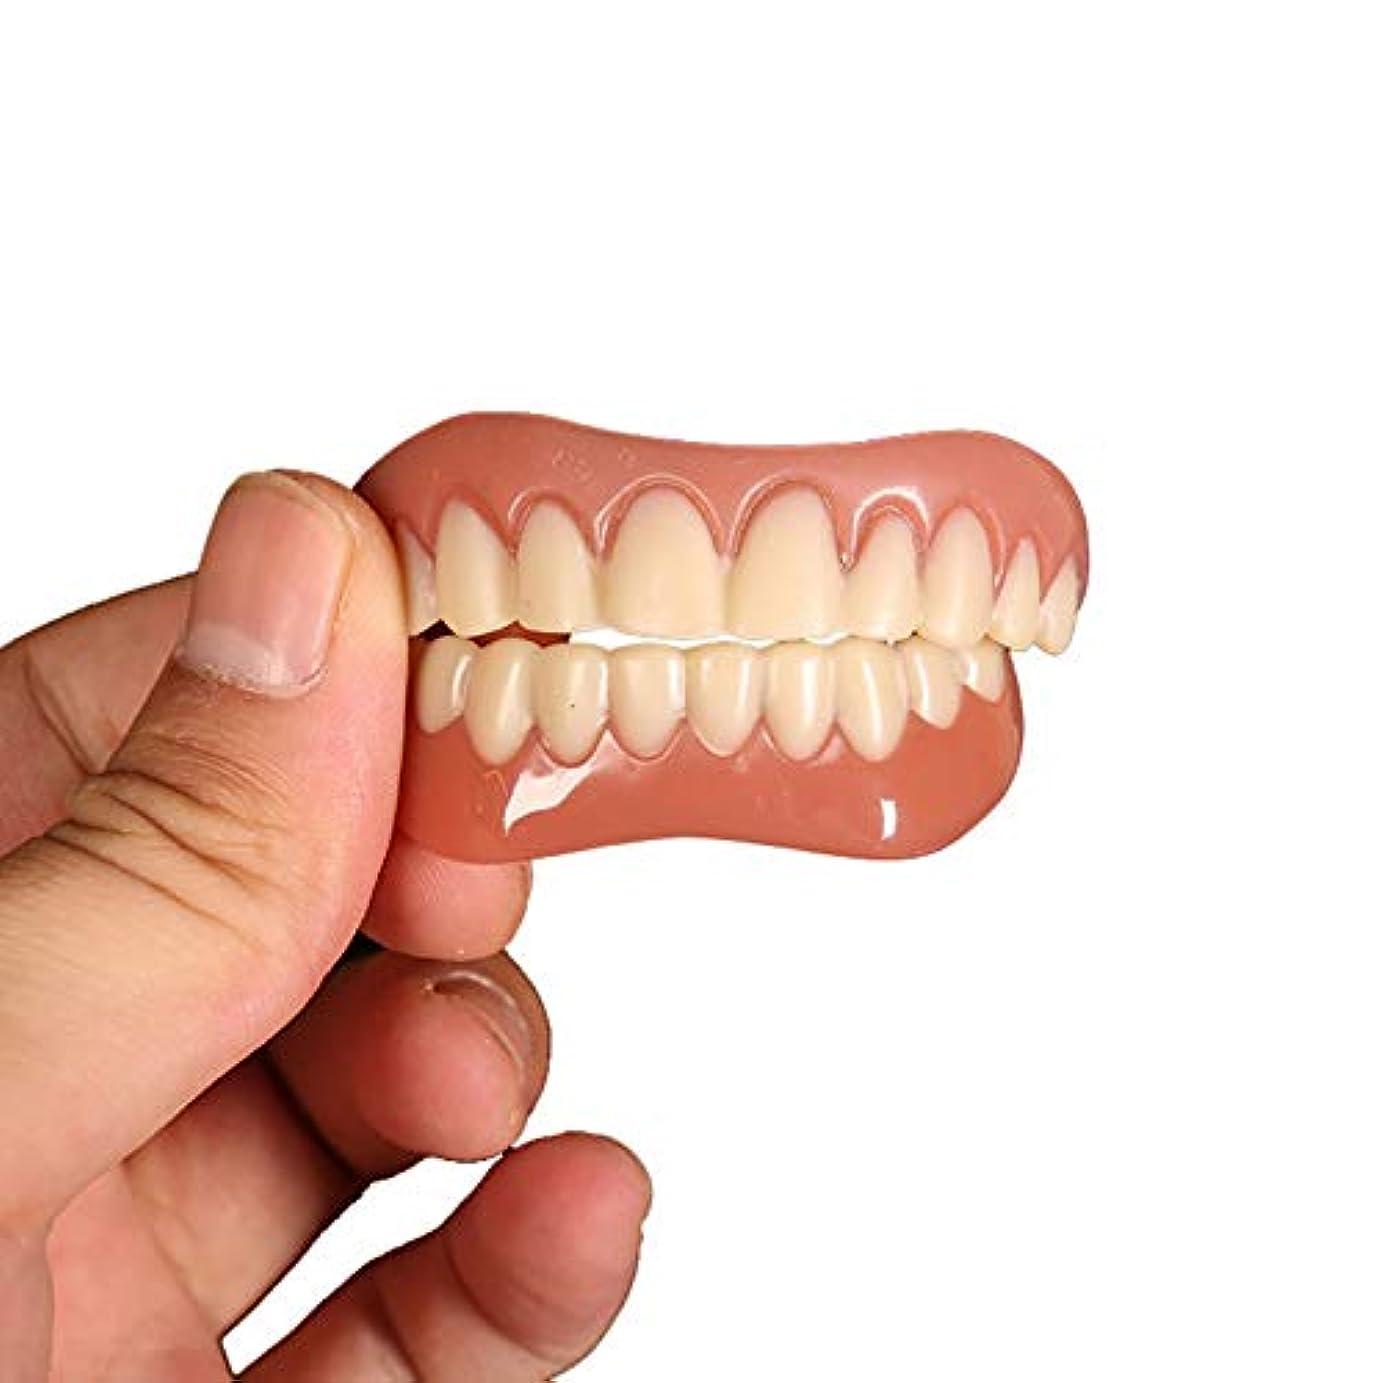 ベーリング海峡火星異邦人2対歯科用ベニア快適なフィット歯のトップとボトム化粧品のベニヤワンサイズフィットすべての義歯接着剤歯偽義歯歯笑顔